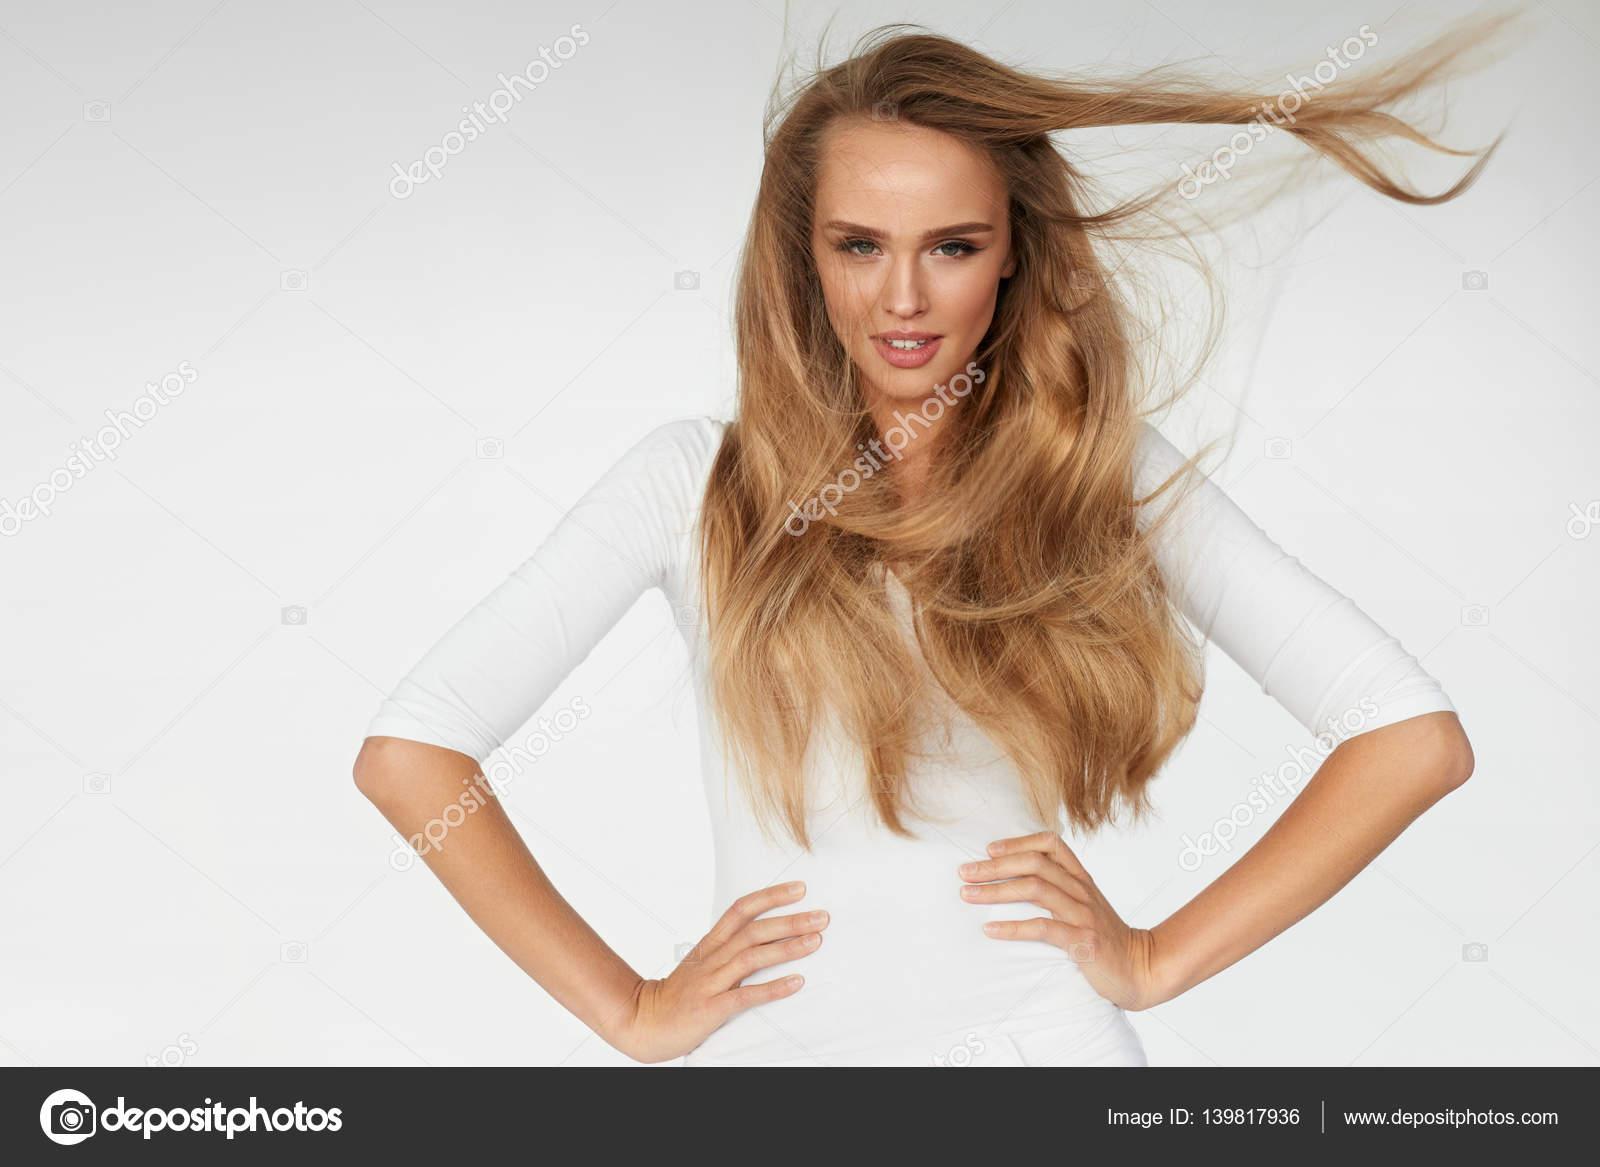 сексуальные фотки девушек с кудрявыми волосами